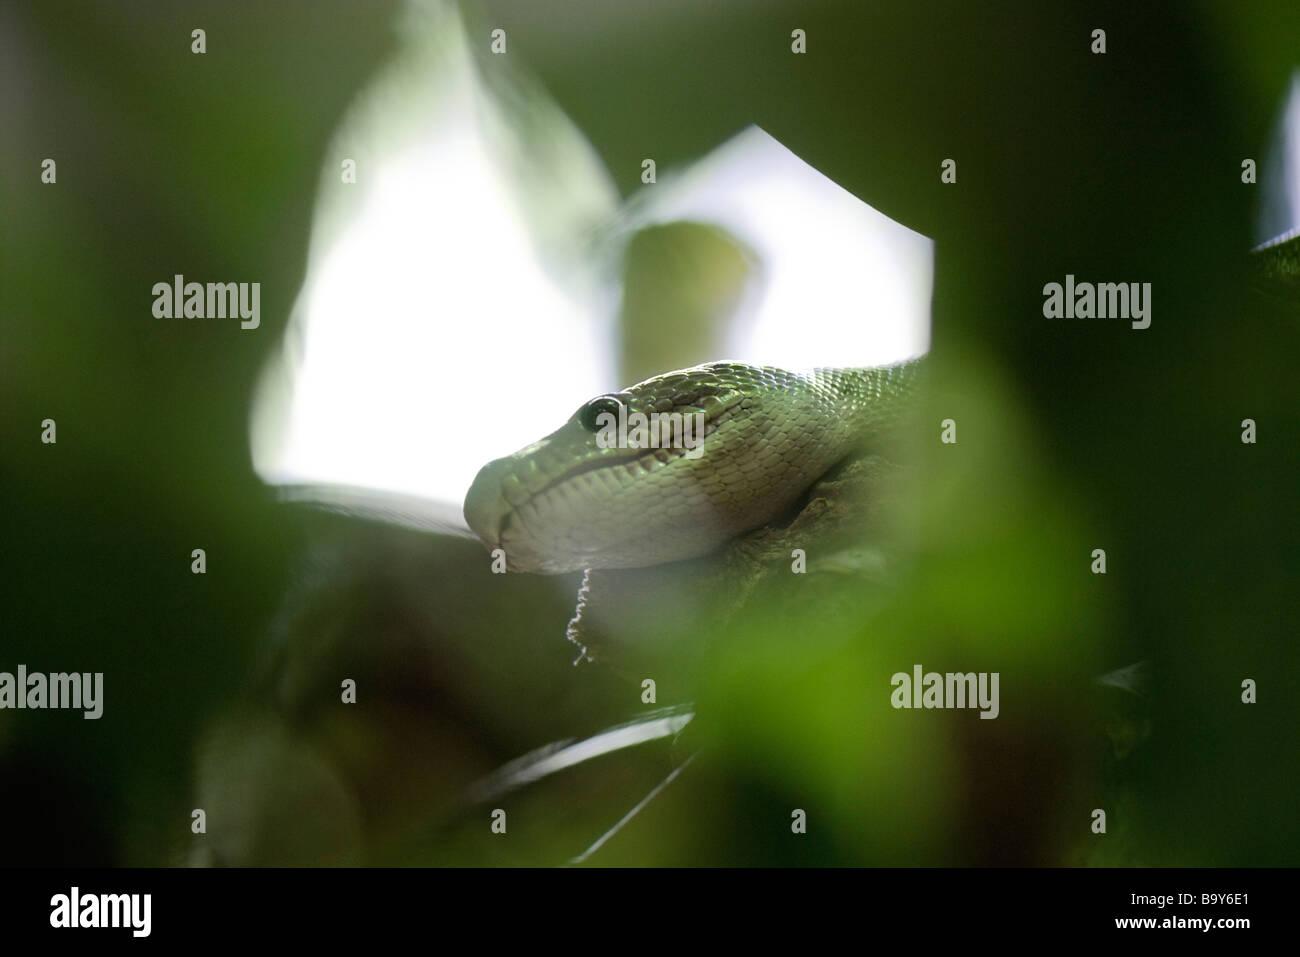 Testa di serpente nascosto nel fogliame Immagini Stock